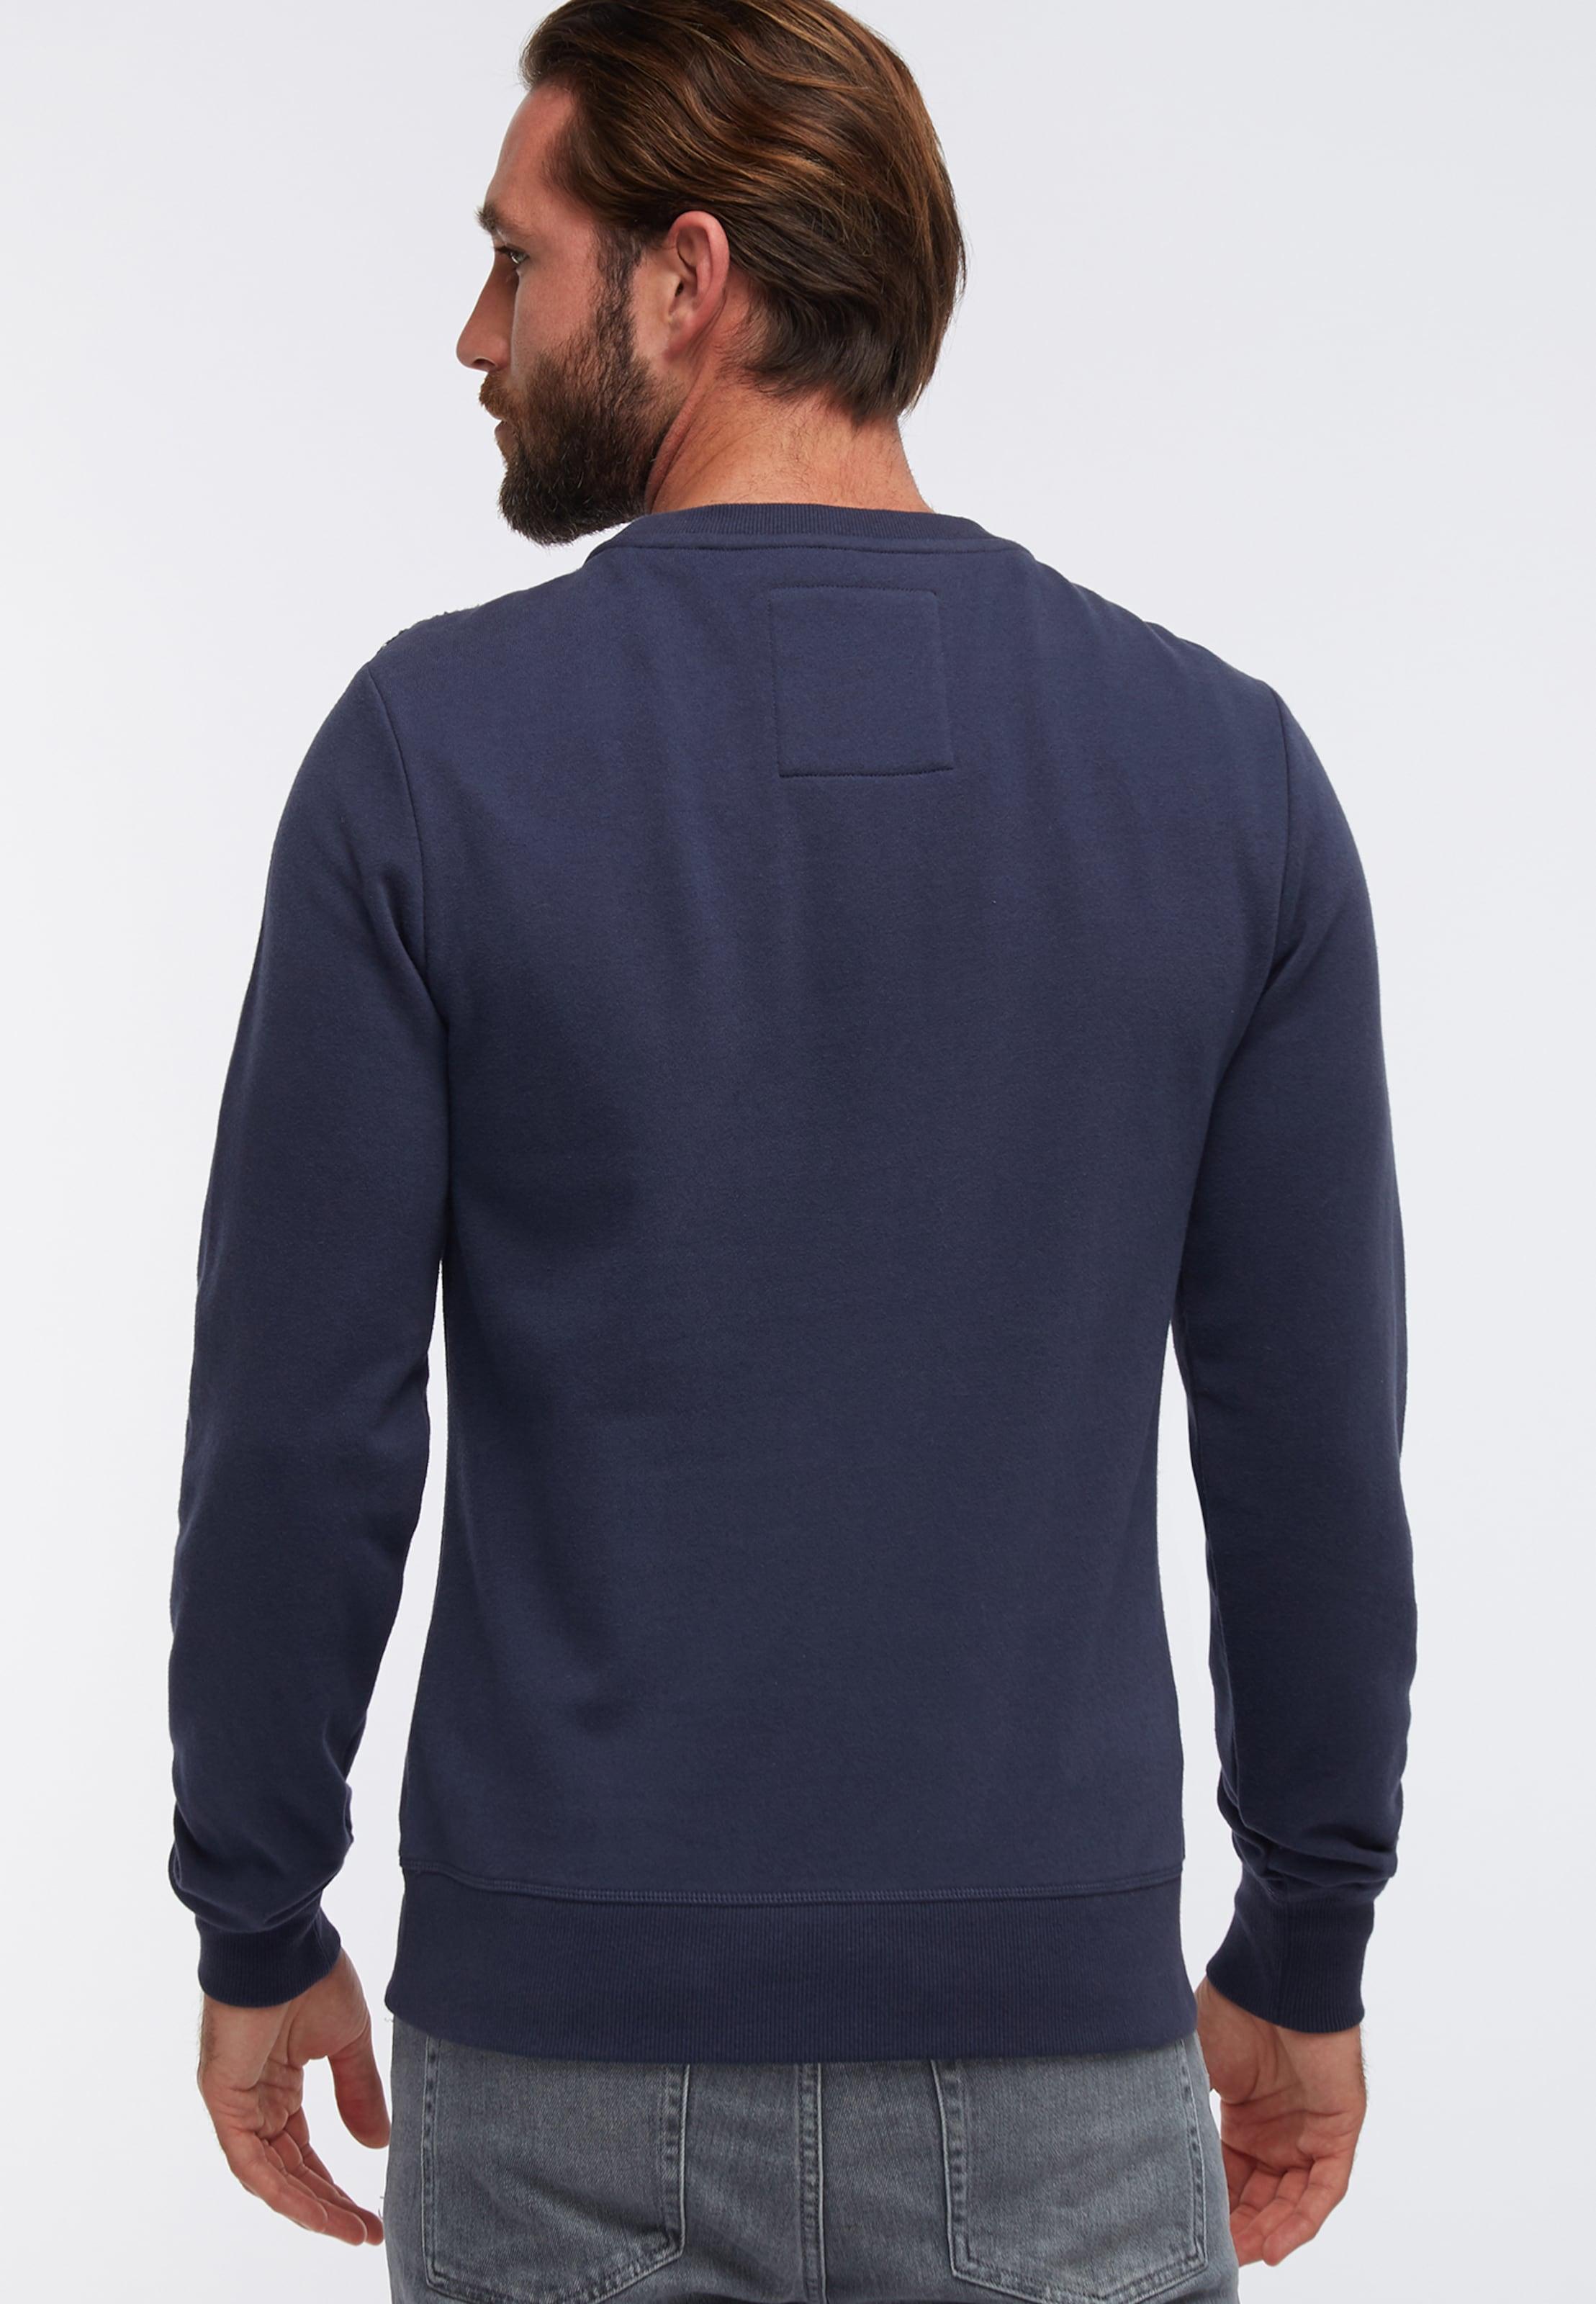 shirt MarineNoir Sweat Dreimaster Dreimaster Sweat En shirt A4j3RL5